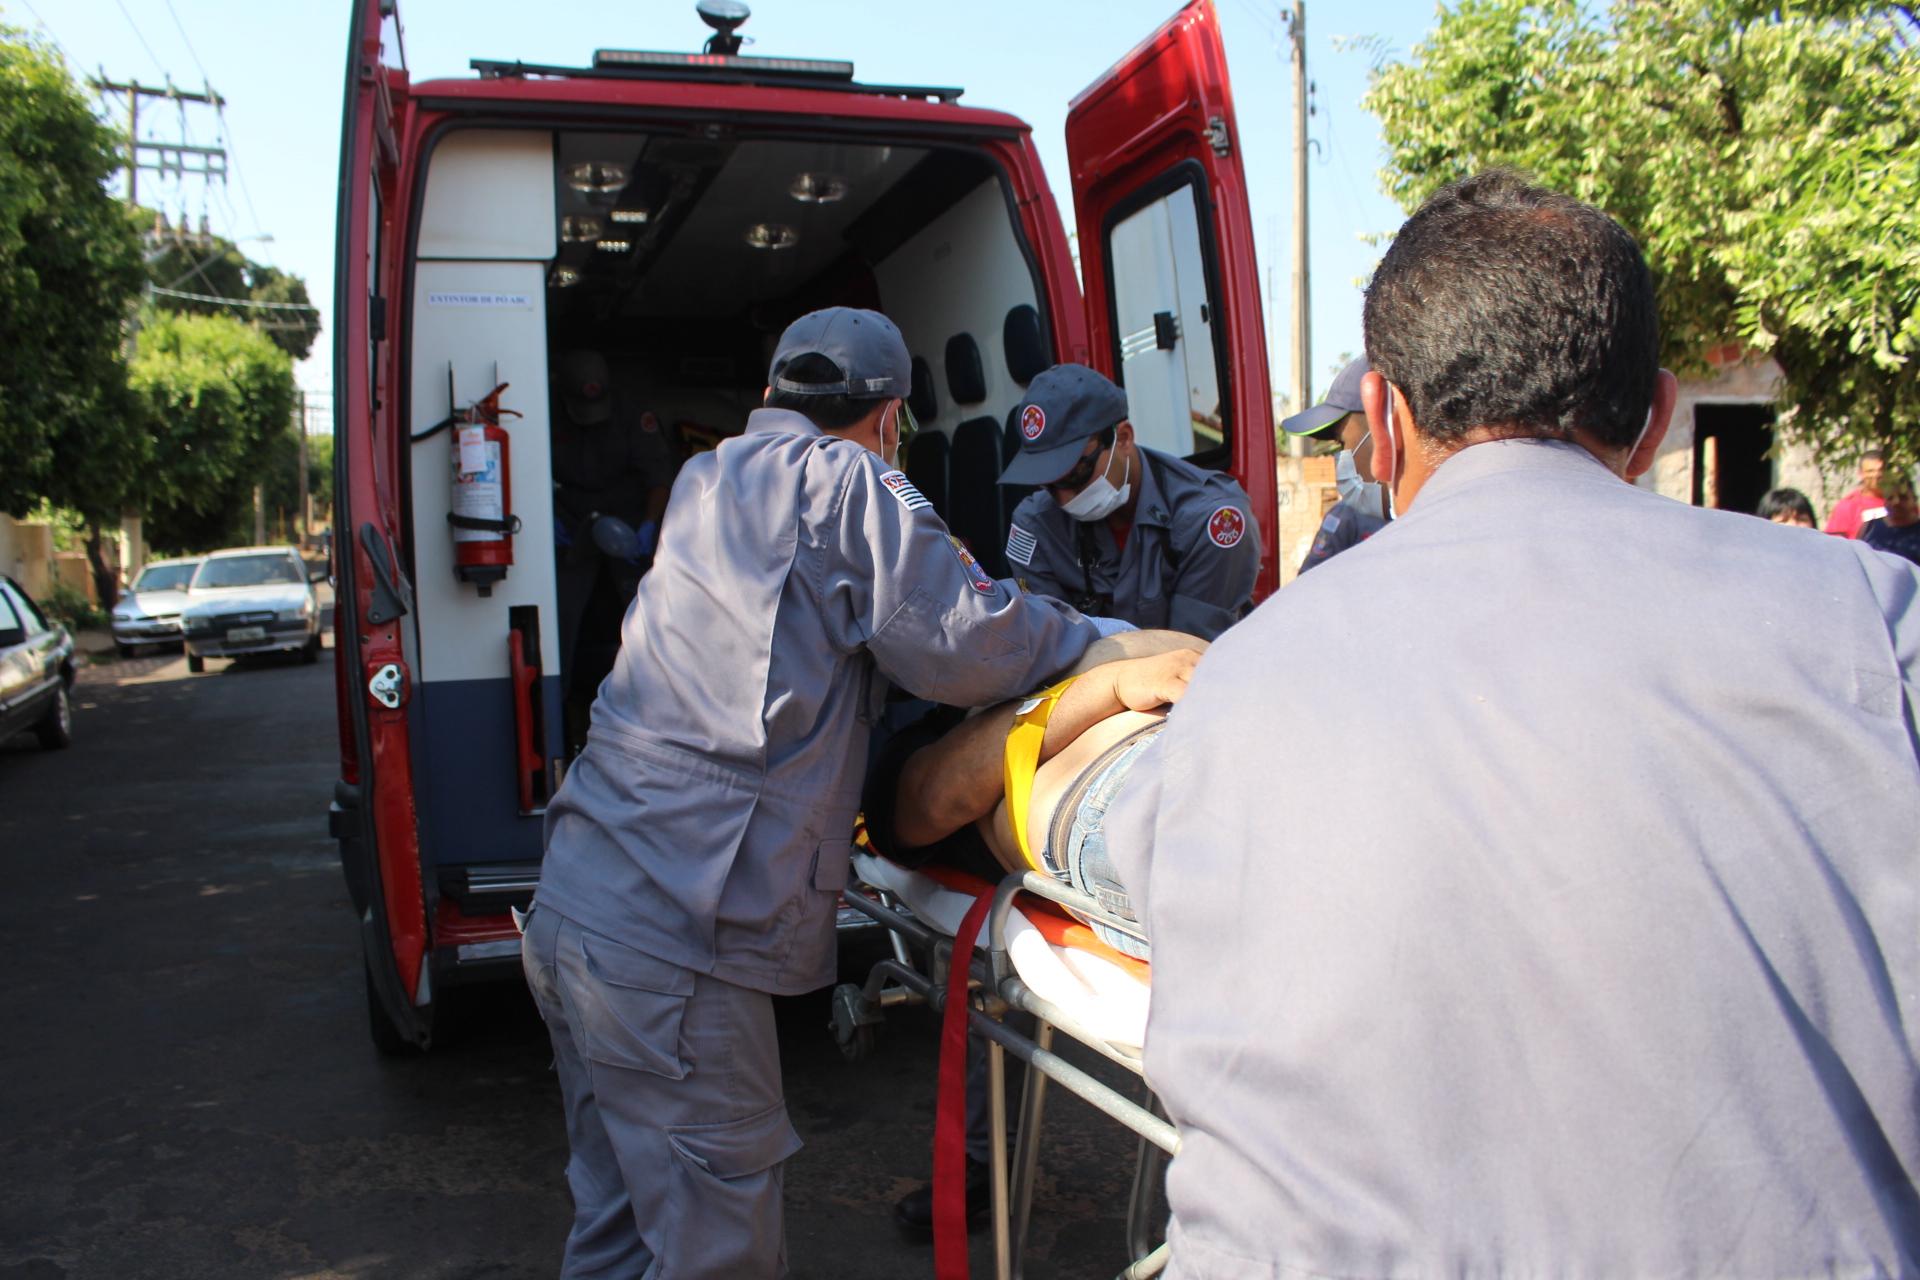 foi tentado pelos bombeiros procedimentos de reanimação, como massagem cardíaca, mas vítima não resistiu, entrando em óbito. foto: MANOEL MESSIAS/Agência